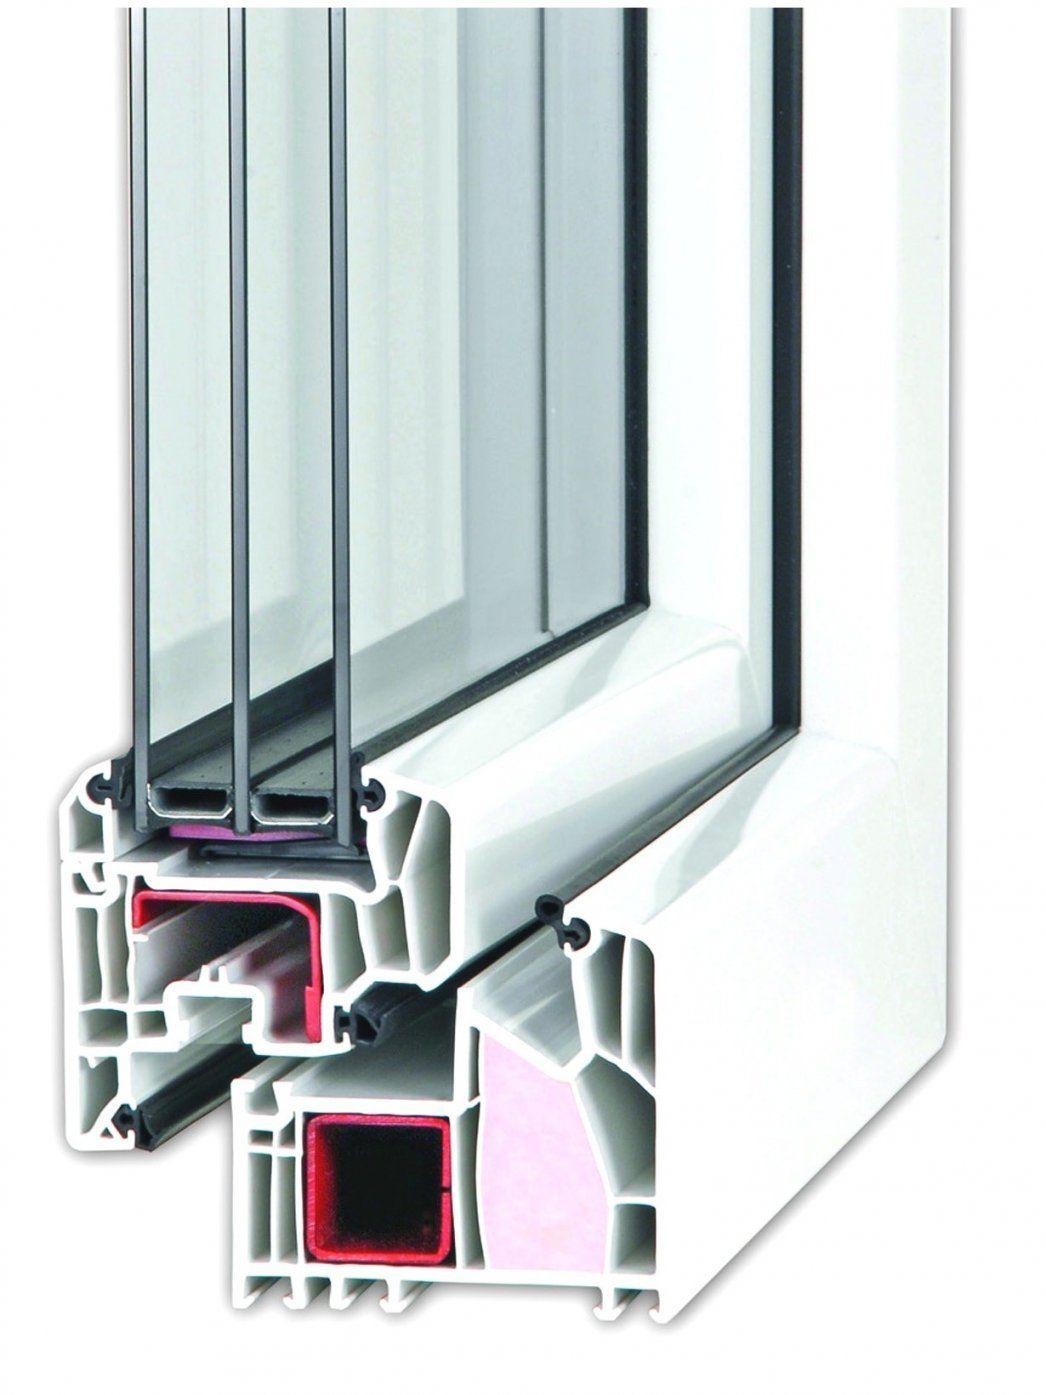 Einzigartig 3 Fach Verglasung Fenster Fotos Von Fenster Dekoratives von 3 Fach Verglaste Fenster Nachteile Photo